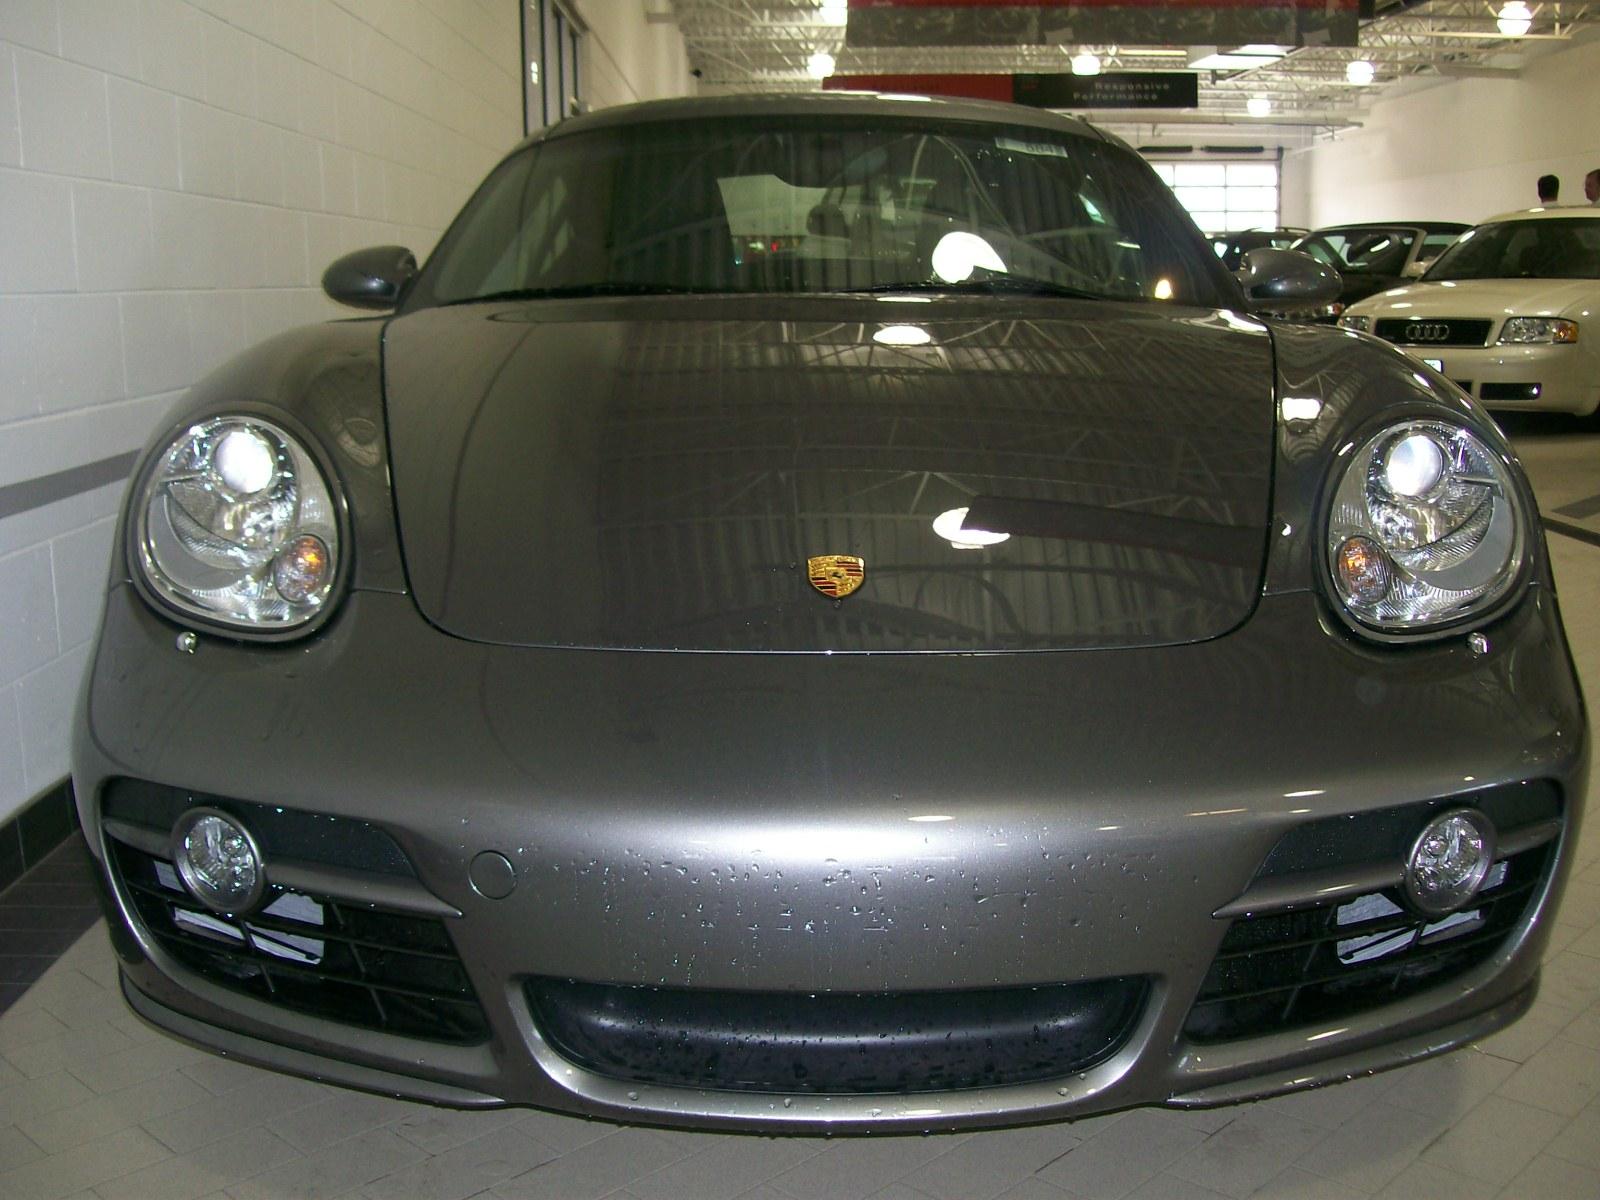 2008 Porsche Cayman - Pictures - 2008 Porsche Cayman S picture ...